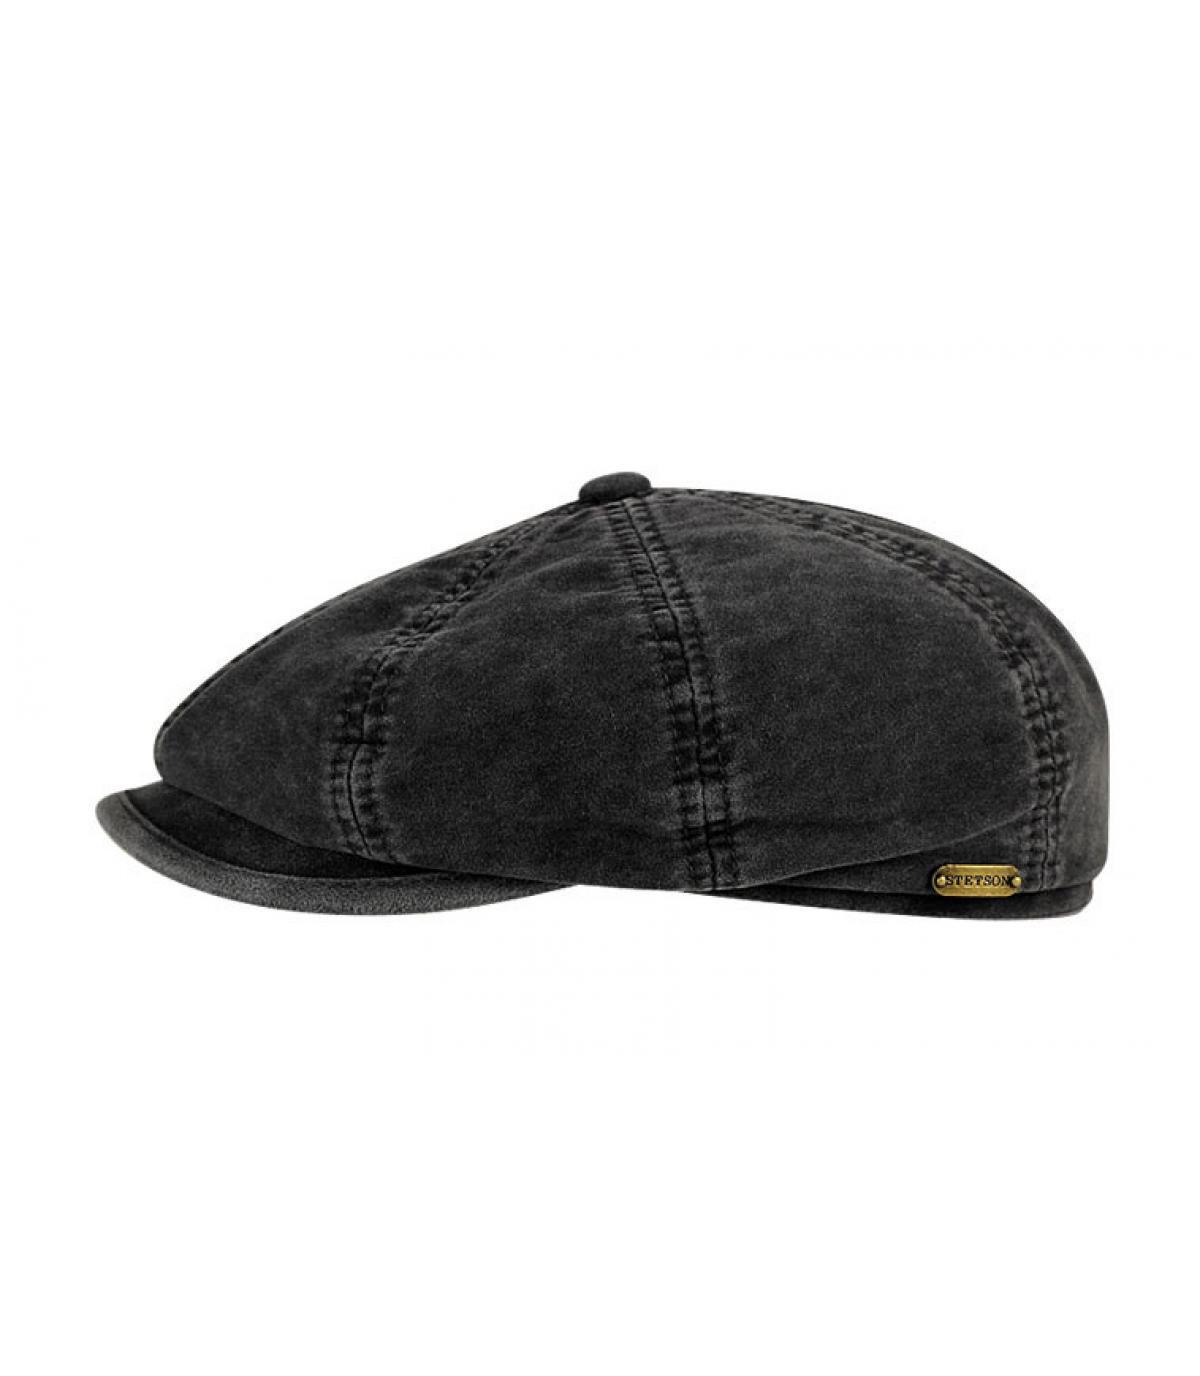 Cappellino Hatteras t